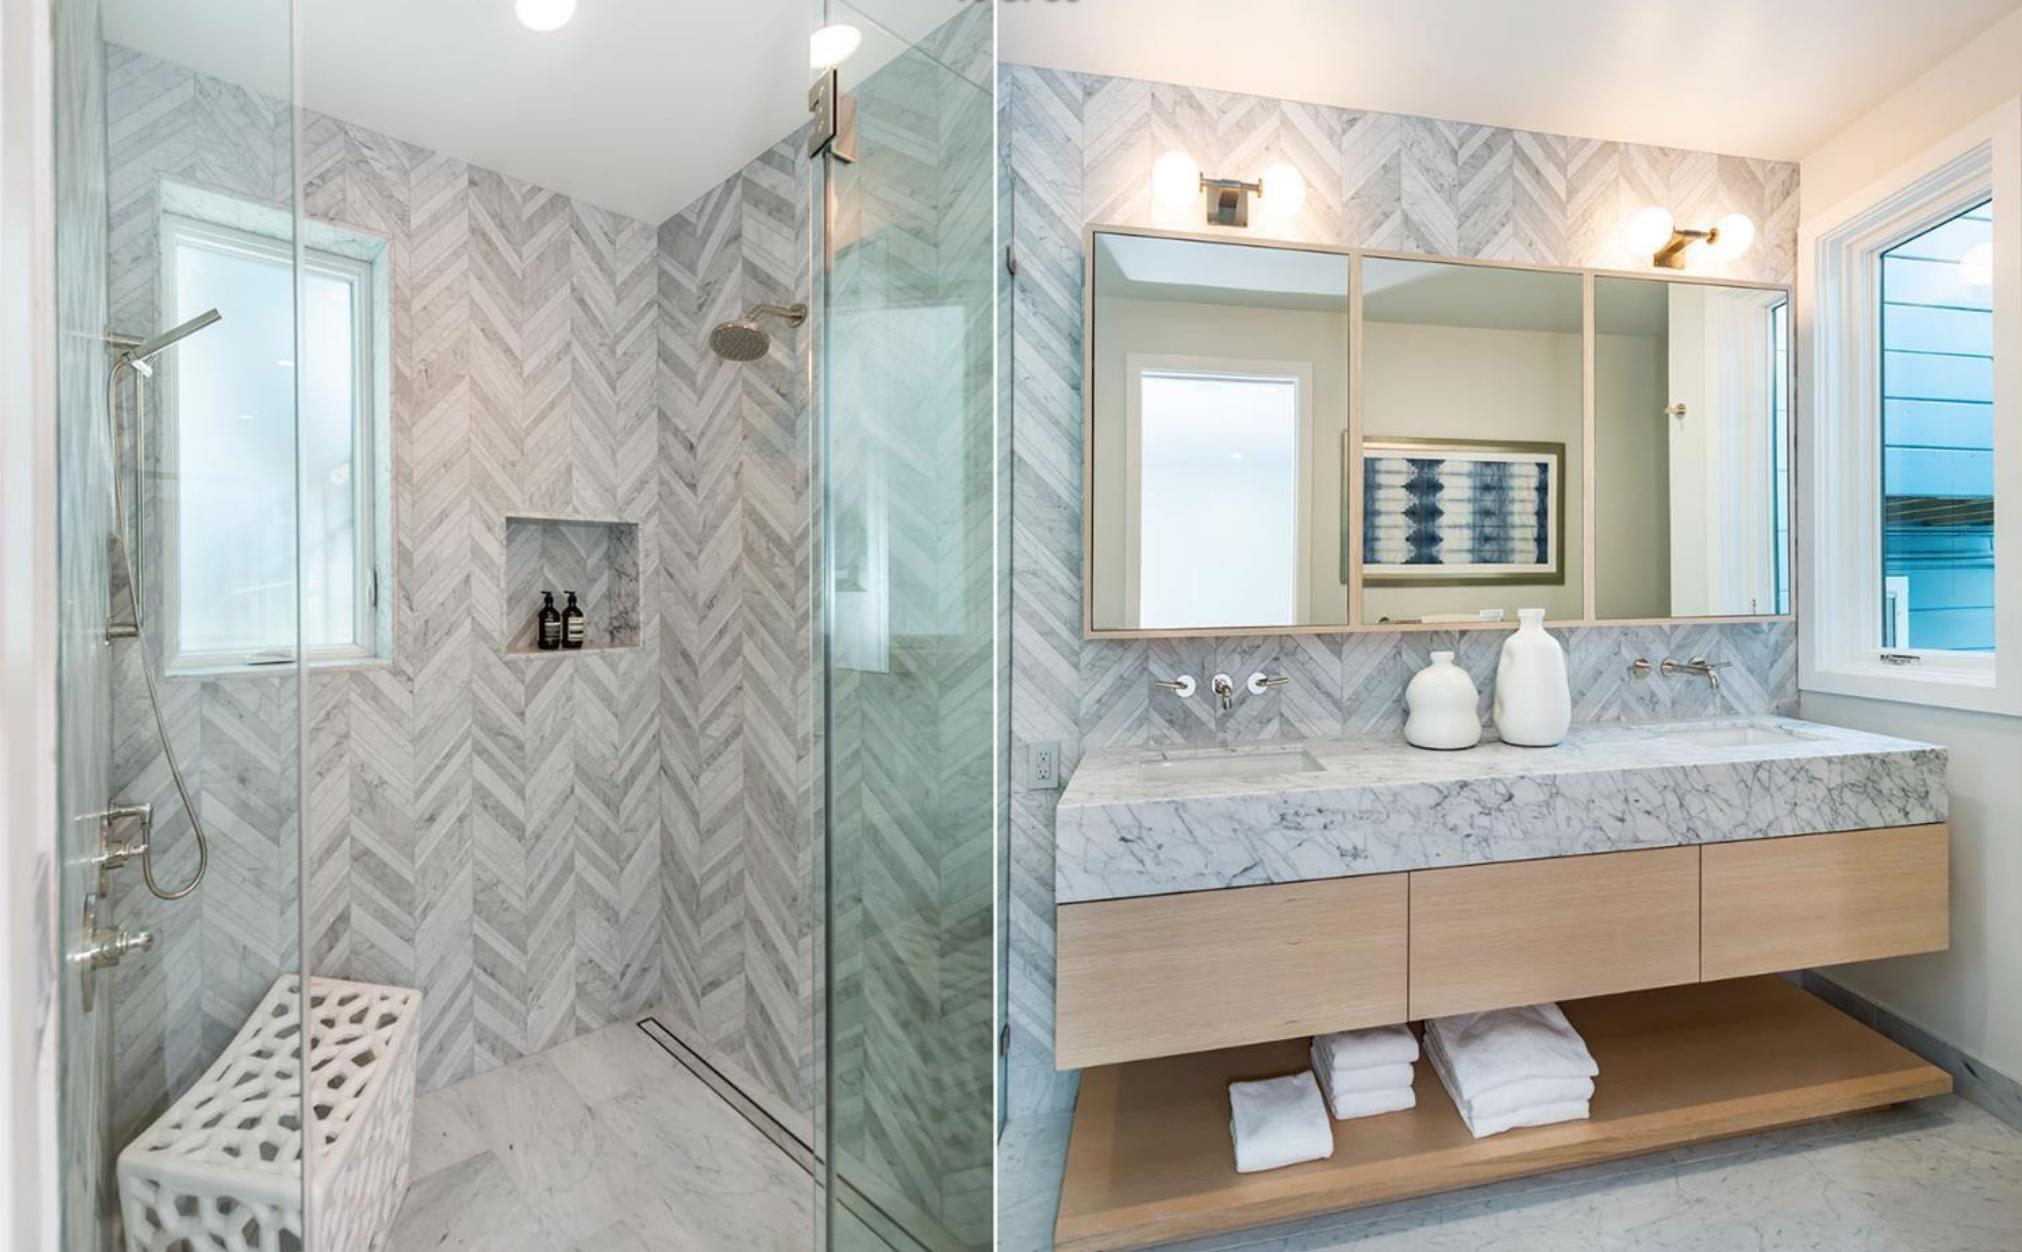 276-278 Hartford St - Master Bathroom